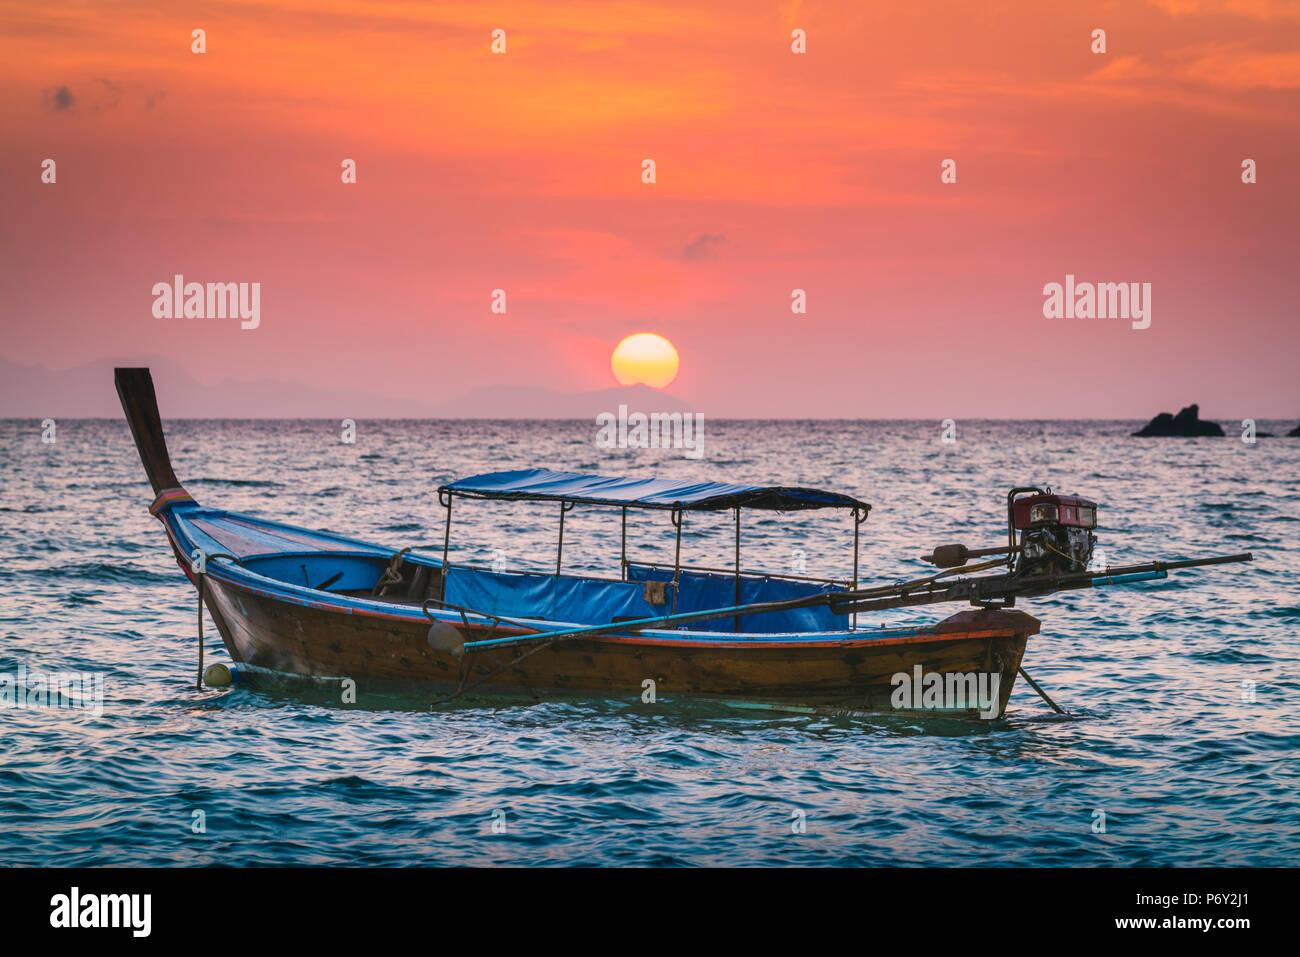 """Los barcos """"longtail"""" de Sunset Beach, Ko Lipe, Satun Provincia, Tailandia. Tradicional bote de cola larga y un sol naciente. Imagen De Stock"""